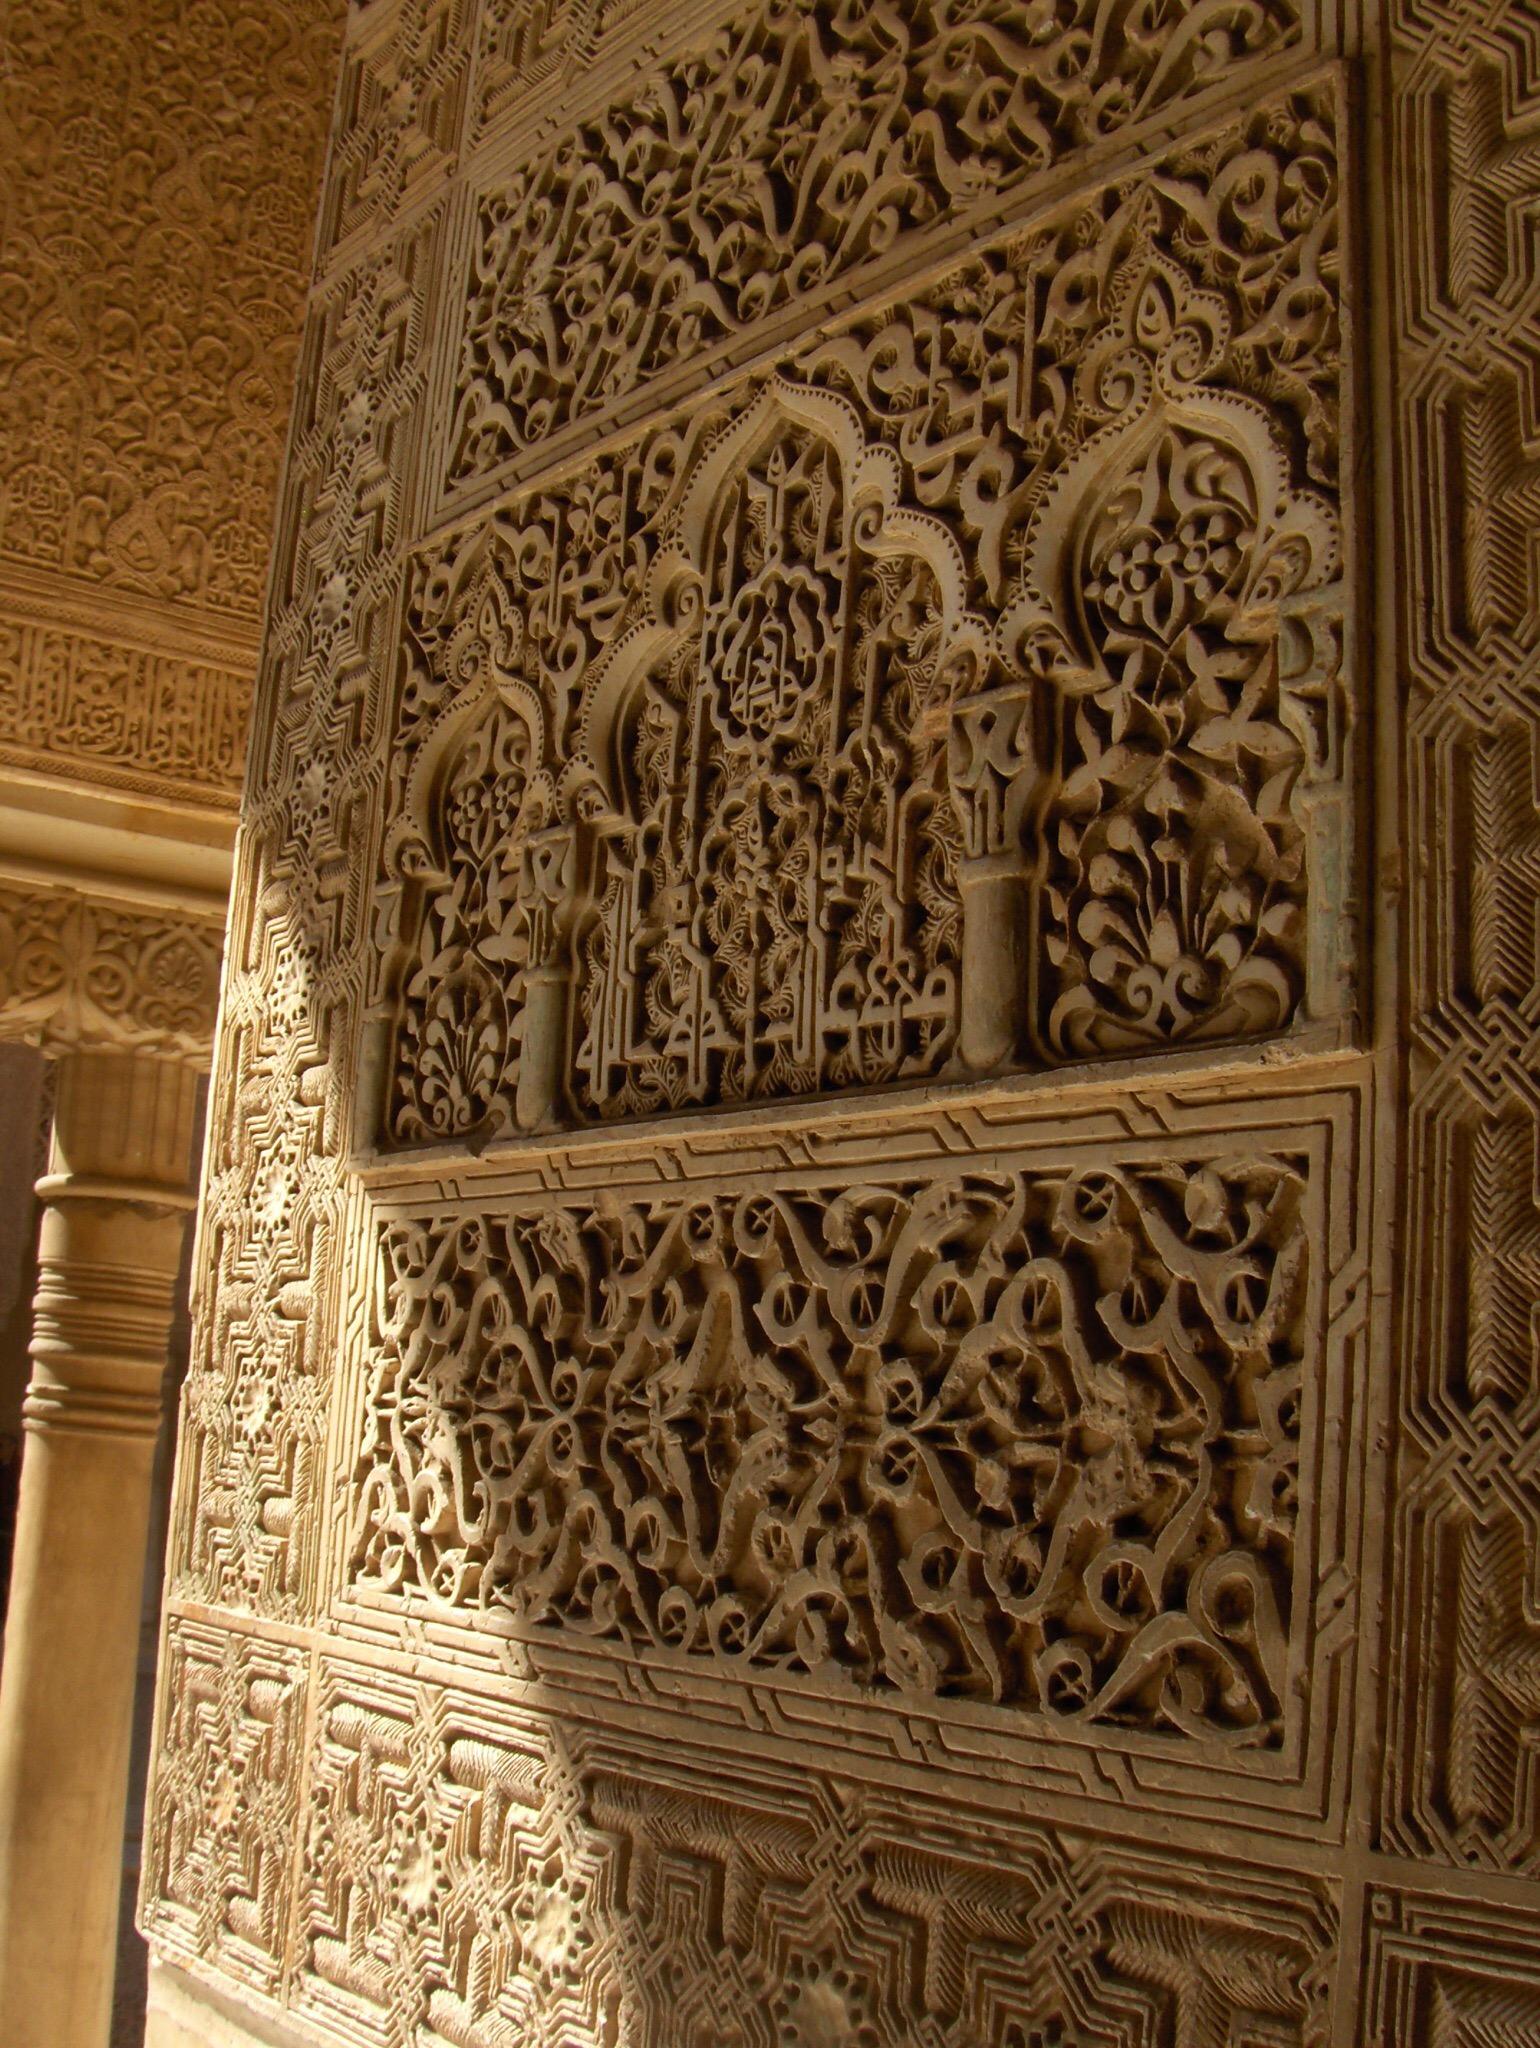 Arabic, writing, calligraphy, la alhambra, beautiful, architecture, spain, granada